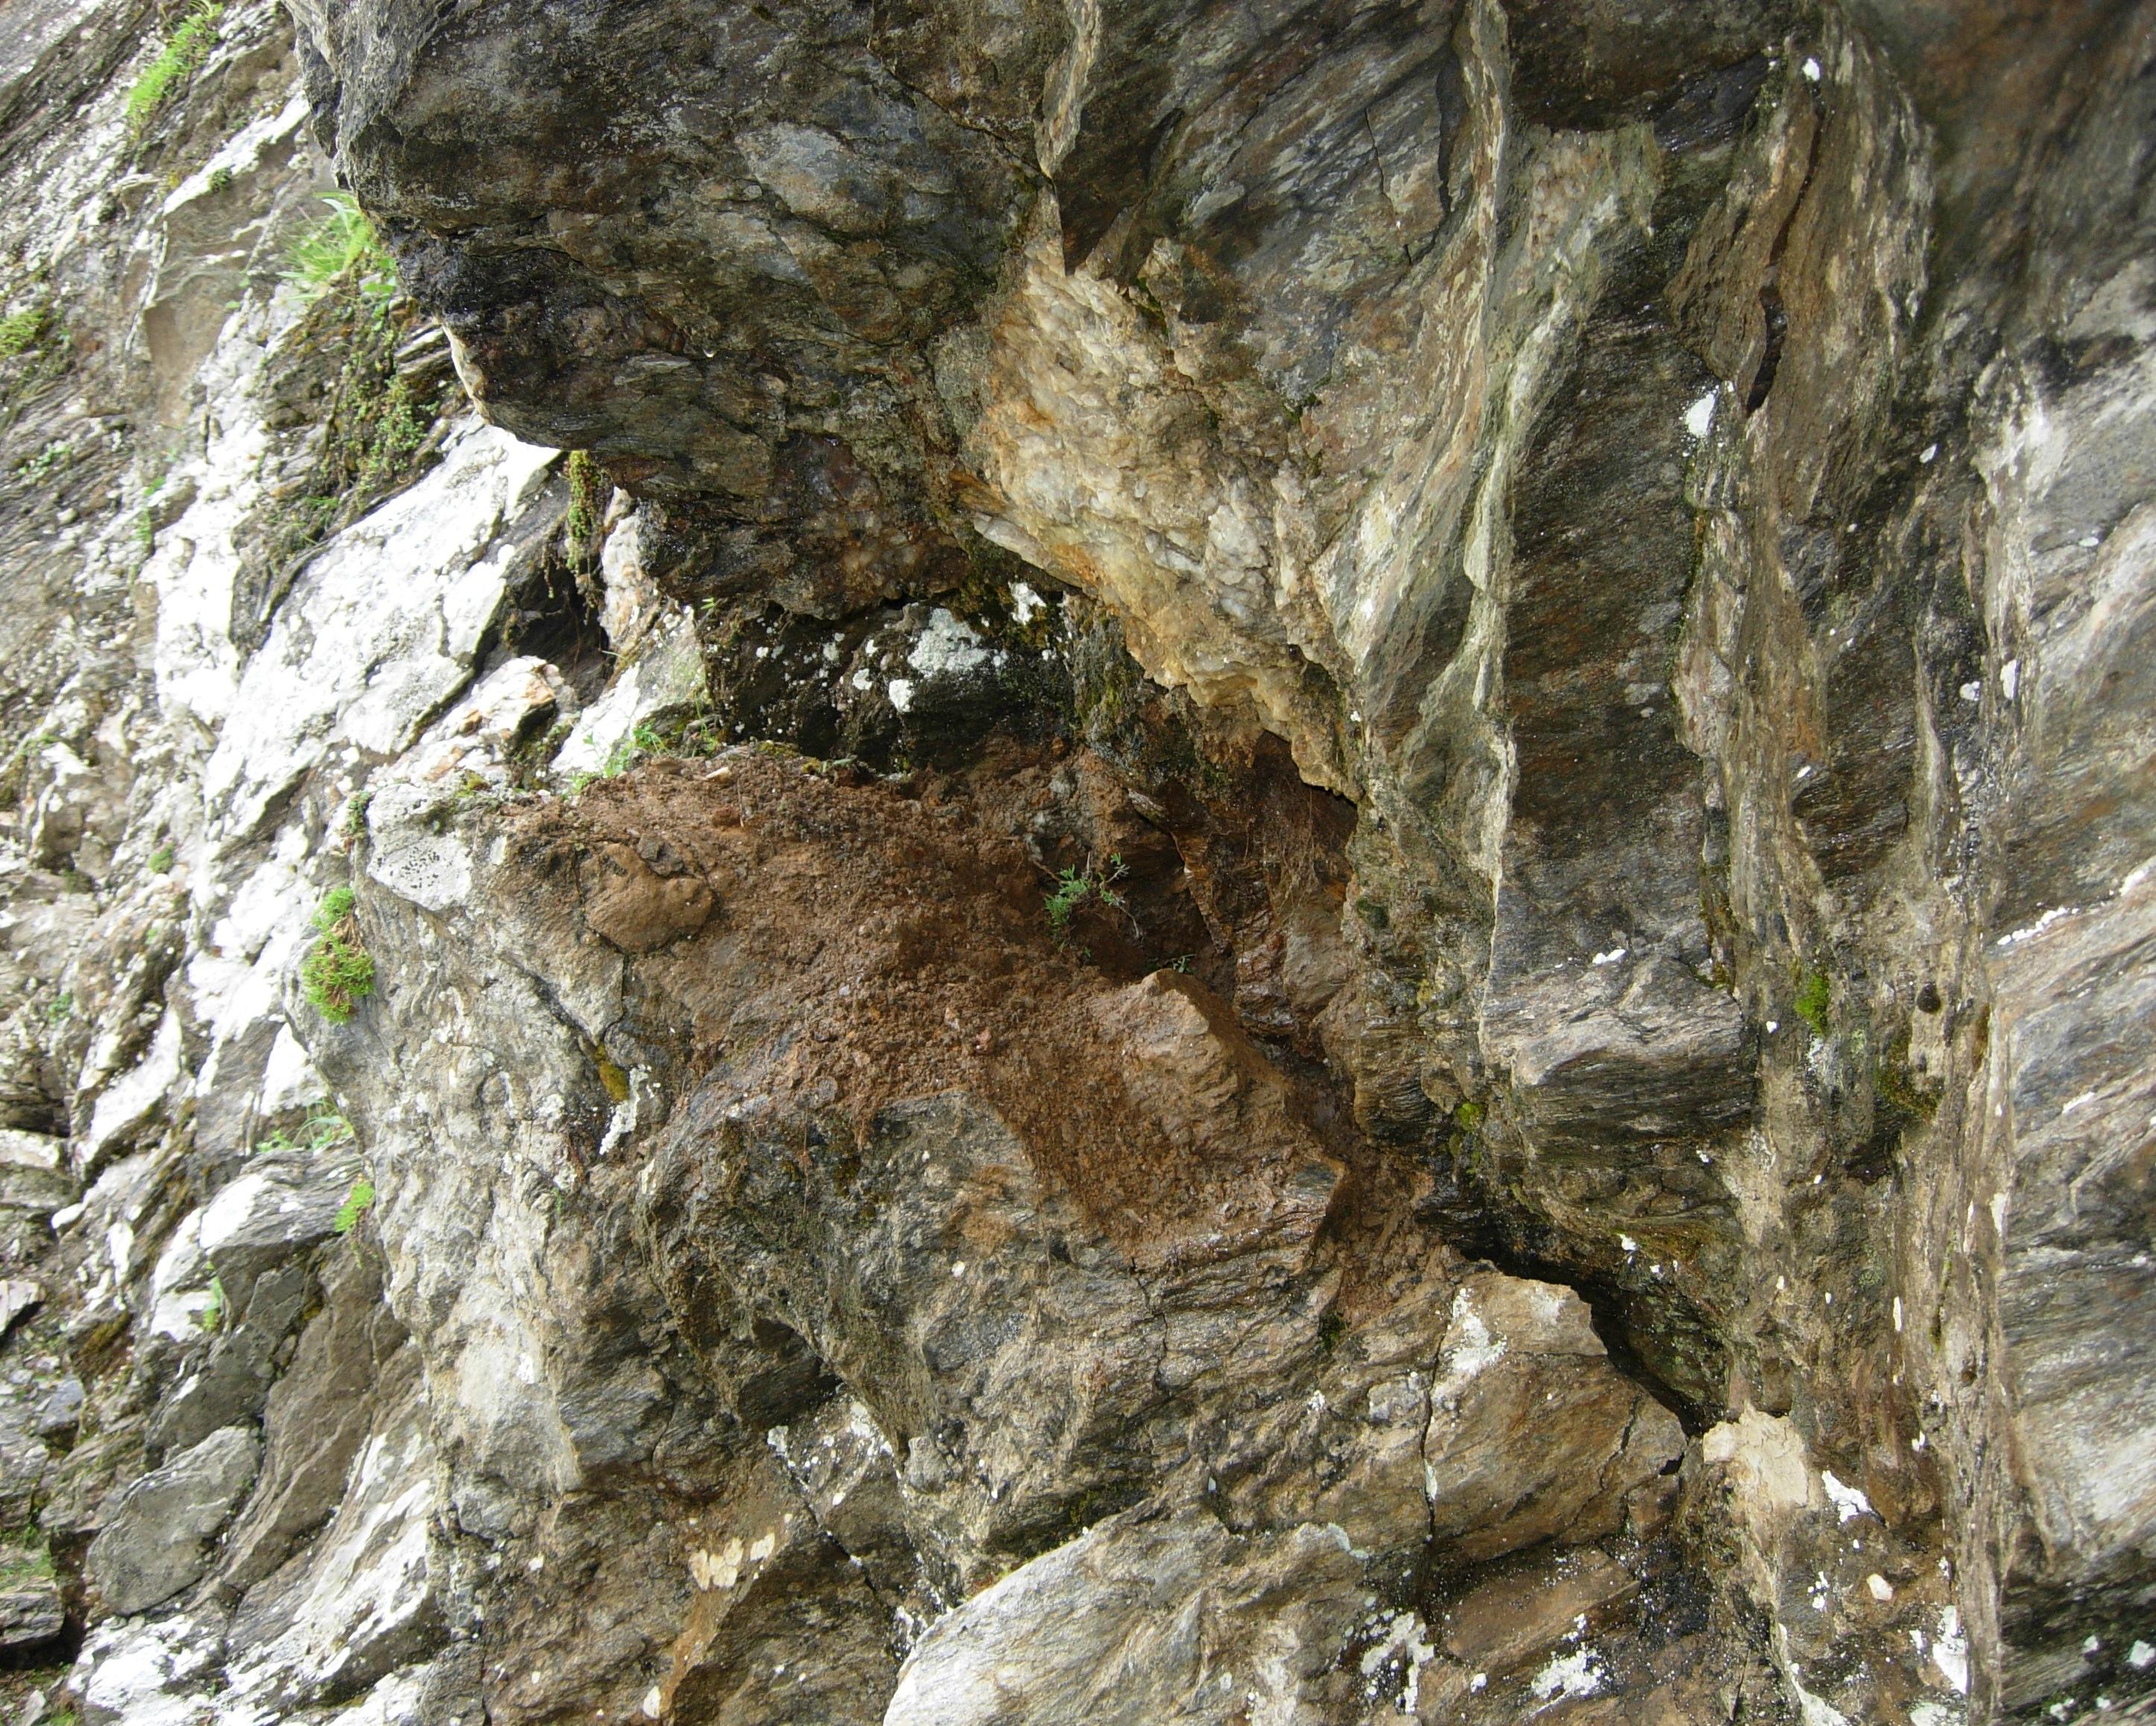 Ecco la fessura che li conteneva...in parte era già stata esplorata, ma riservava ancora qualche bel pezzo..